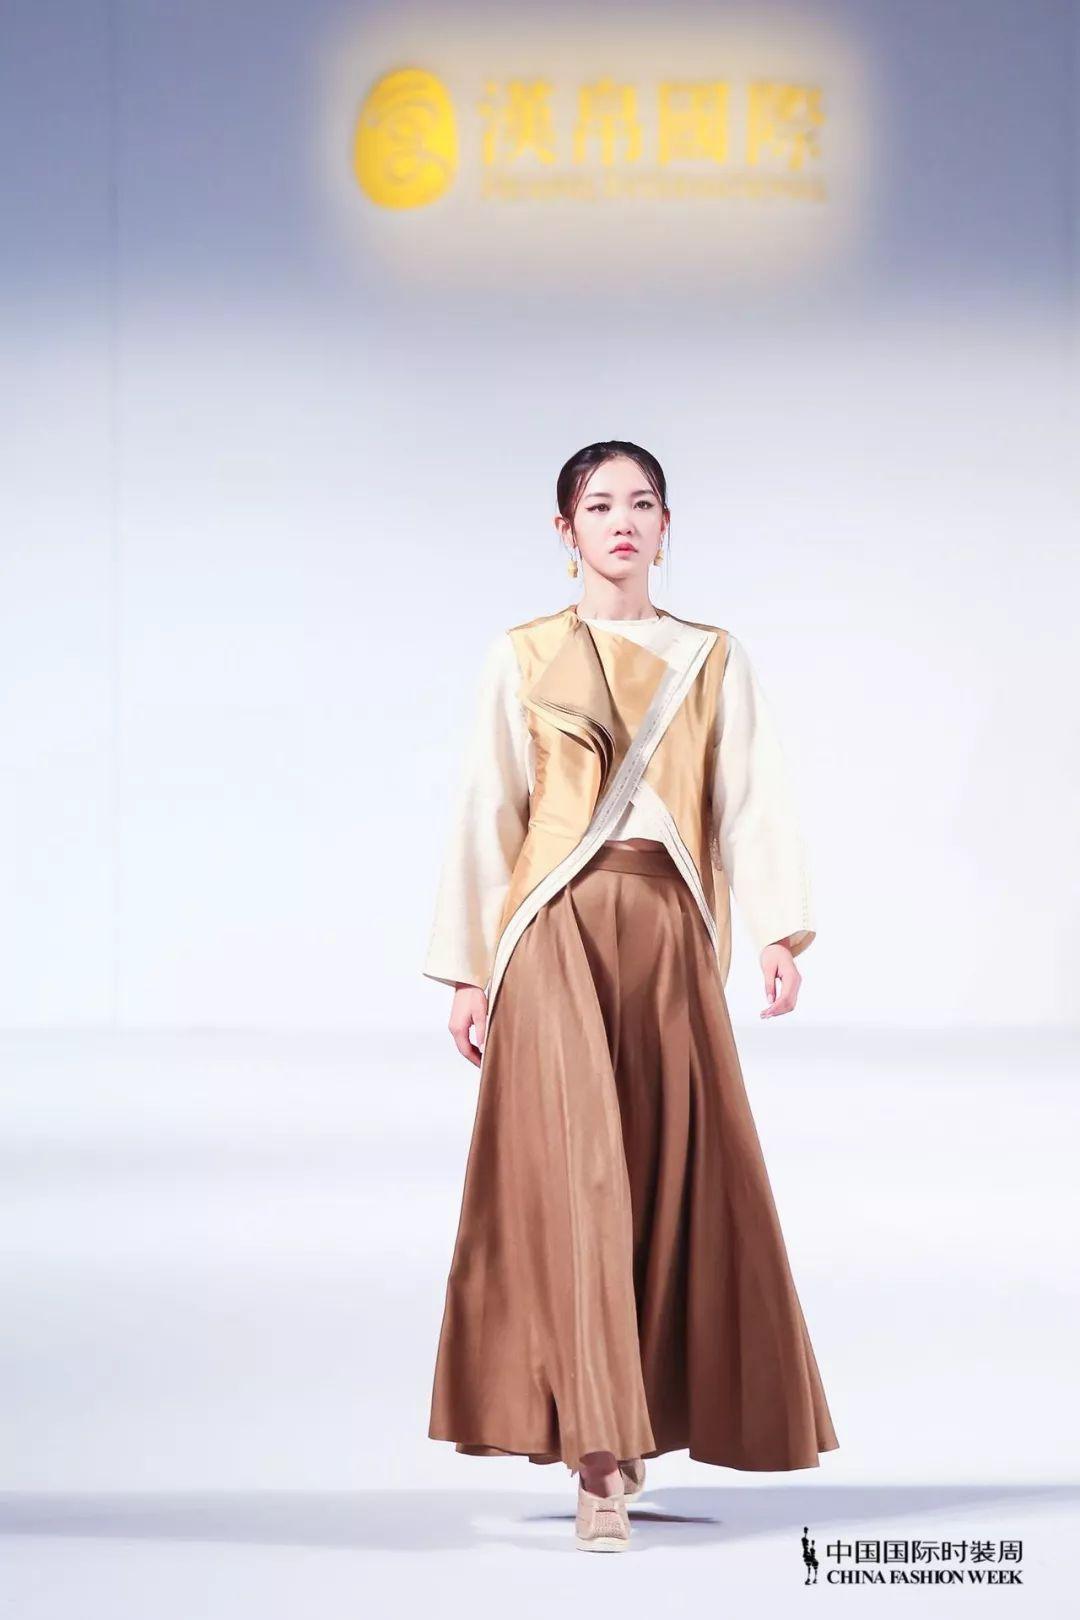 张若楠模特